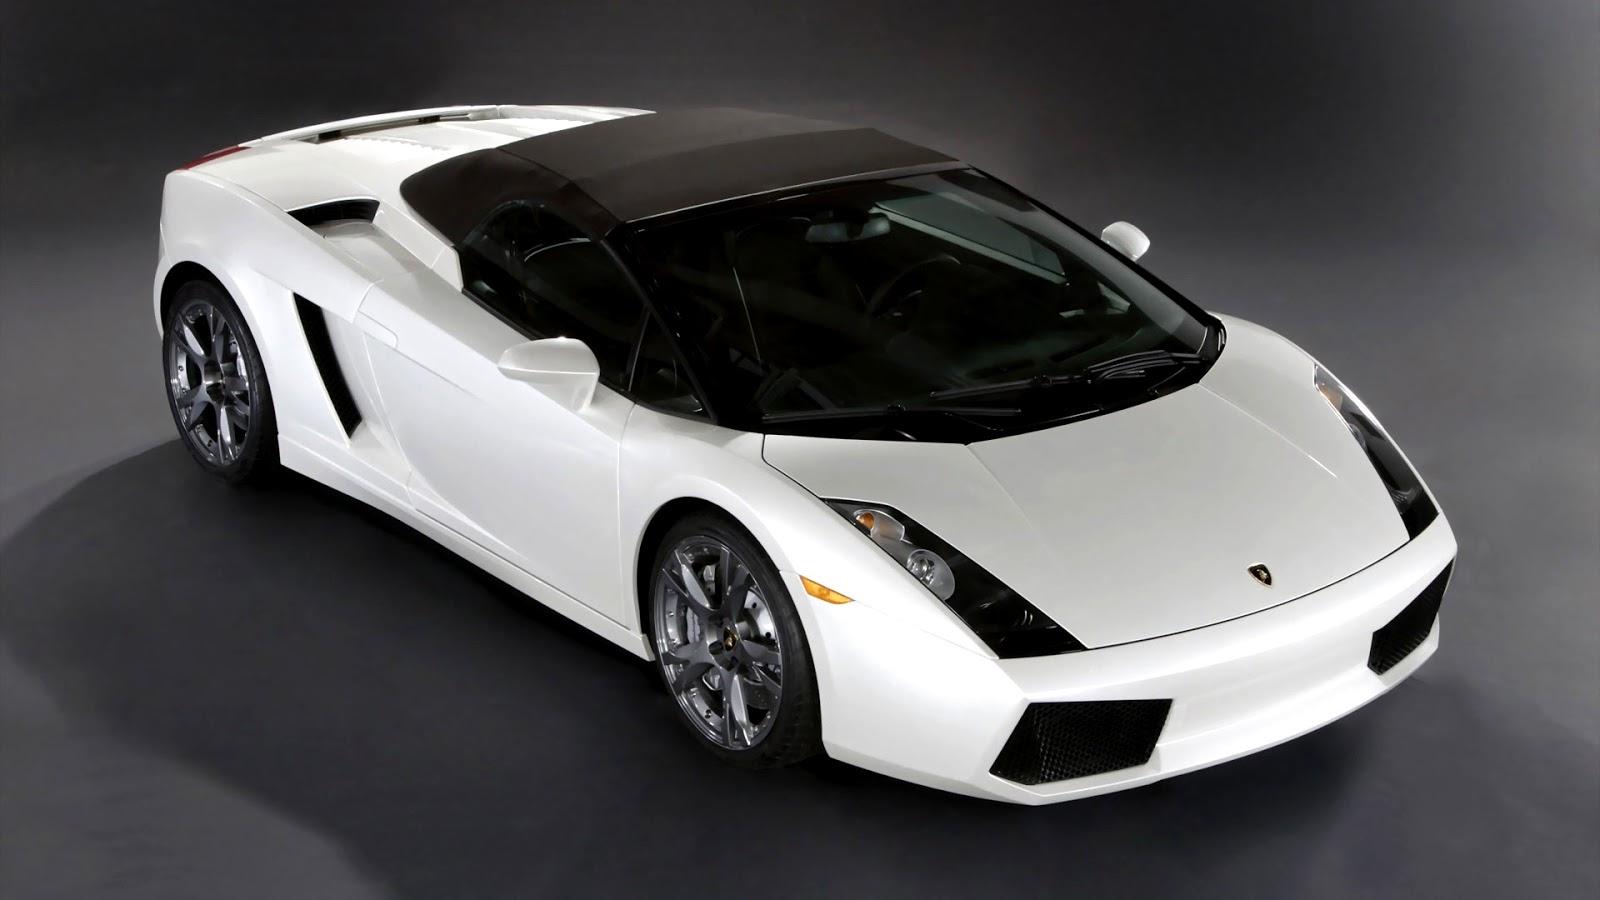 Lamborghini HD 1080p Wallpaper